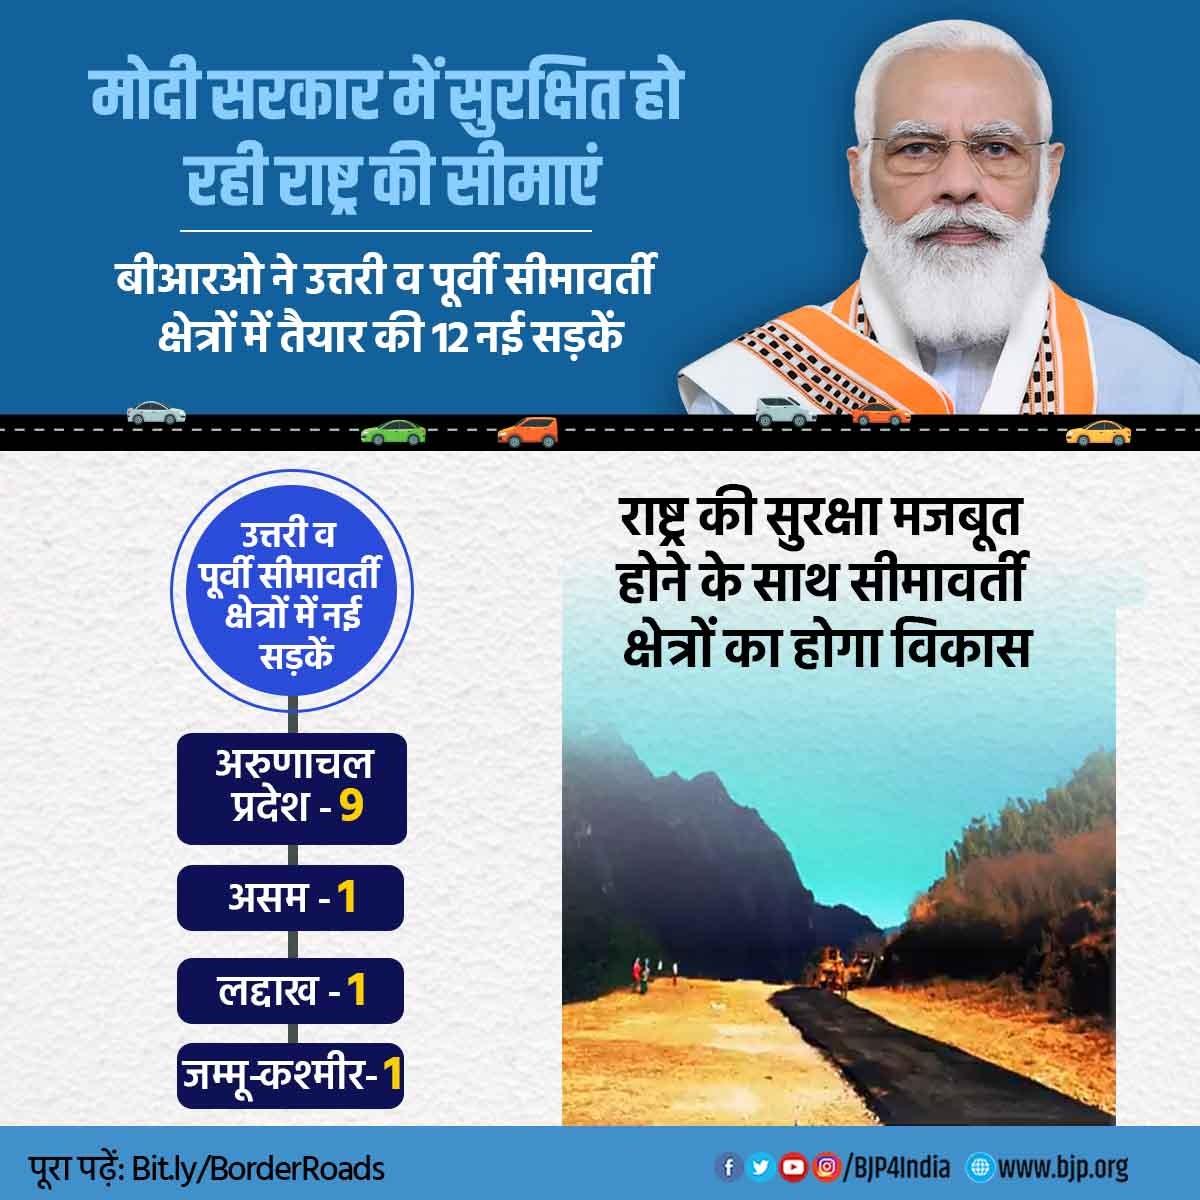 मोदी सरकार में सुरक्षित हो रही राष्ट्र की सीमाएं  बीआरओ ने उत्तरी व पूर्वी सीमावर्ती क्षेत्रों में तैयार की 12 नई सड़कें।  अरुणाचल प्रदेश में नौ सड़कें, असम, लद्दाख और जम्मू-कश्मीर में एक-एक नई सड़क का उद्घाटन किया गया है। https://t.co/rEmk1qx6X6